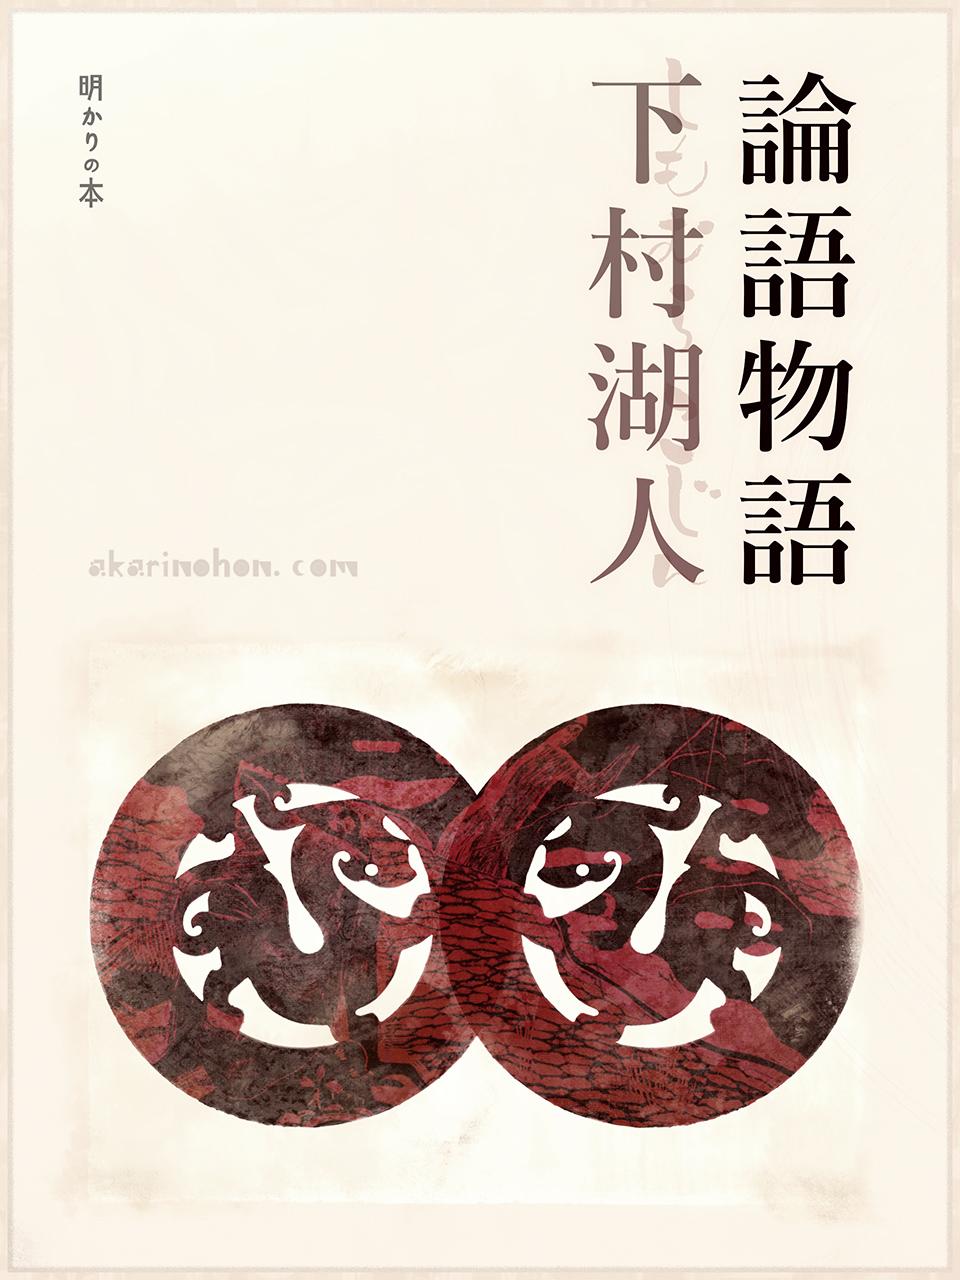 0000 - 論語物語(27) 下村湖人